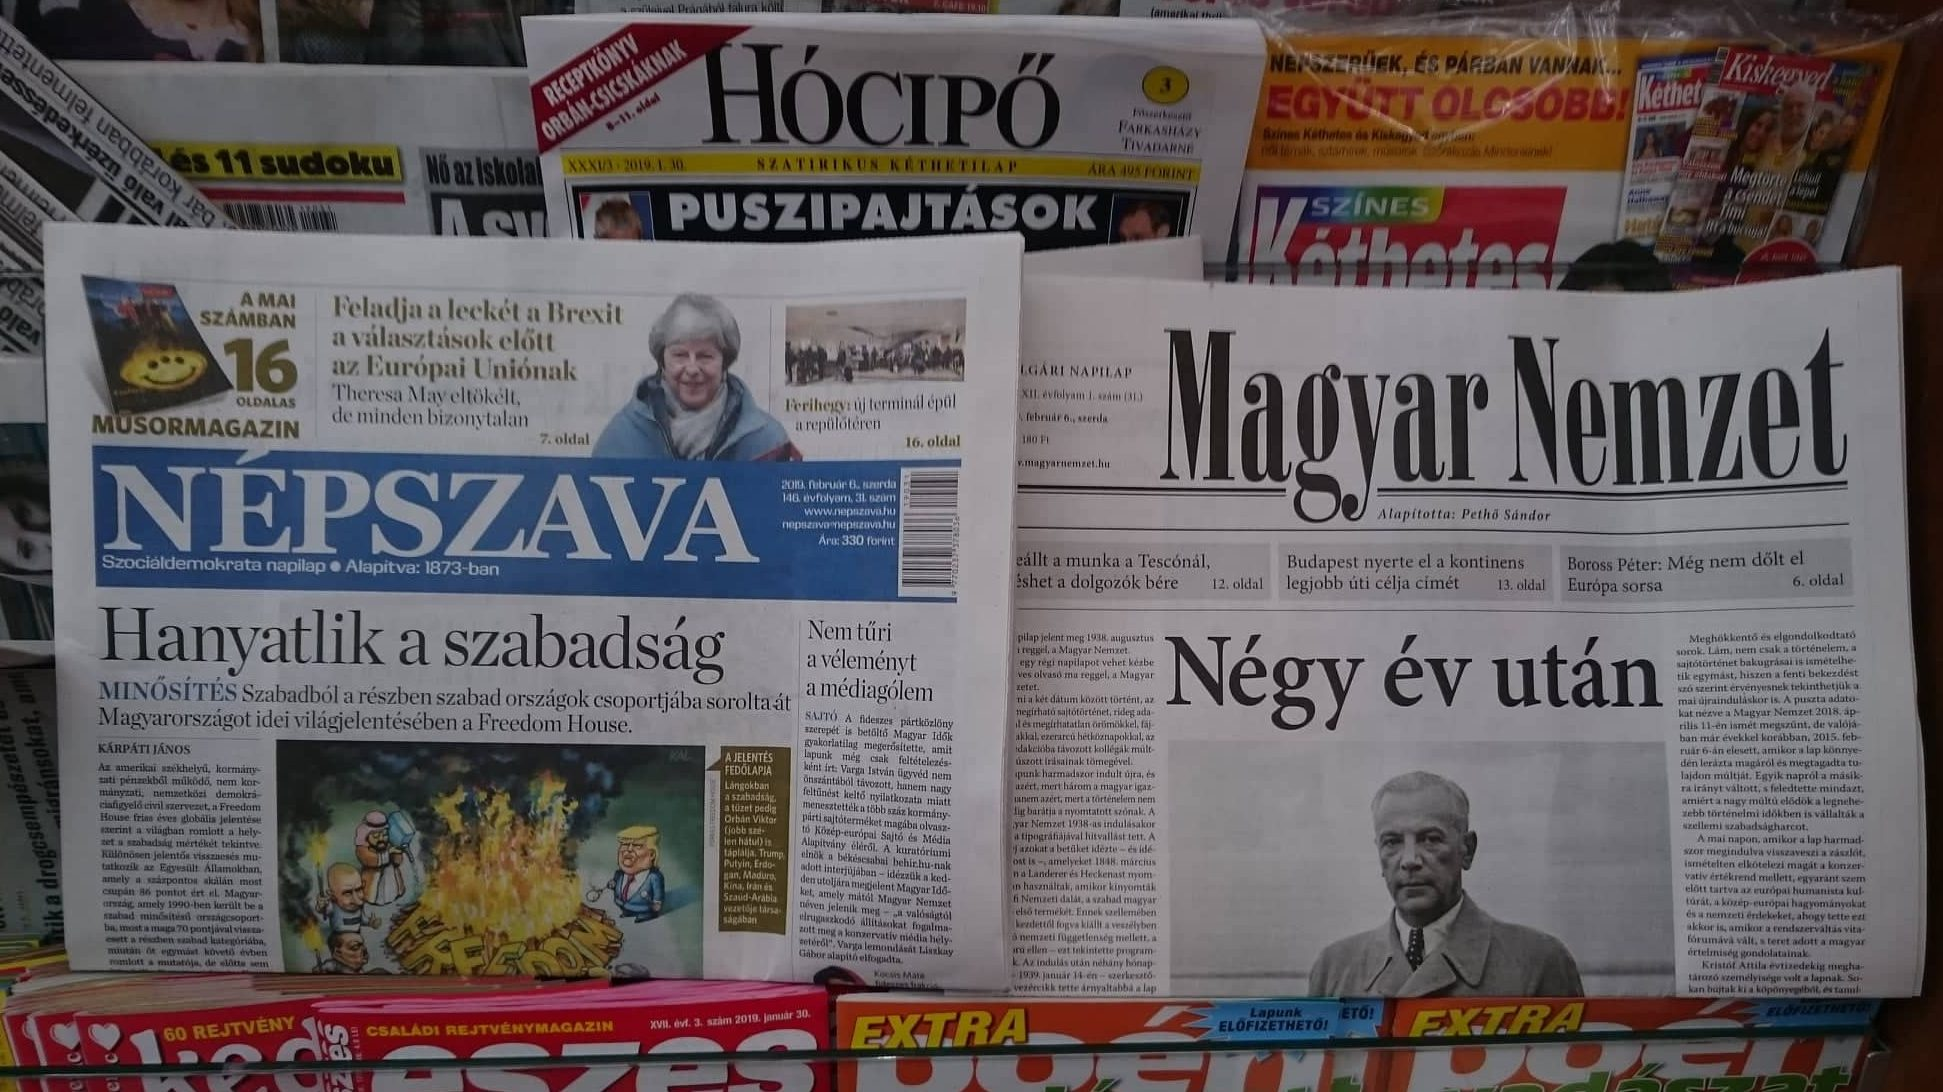 puszipajtások, hanyatlik a szabadság, négy év után. Fotó: Ladányi András, Media1